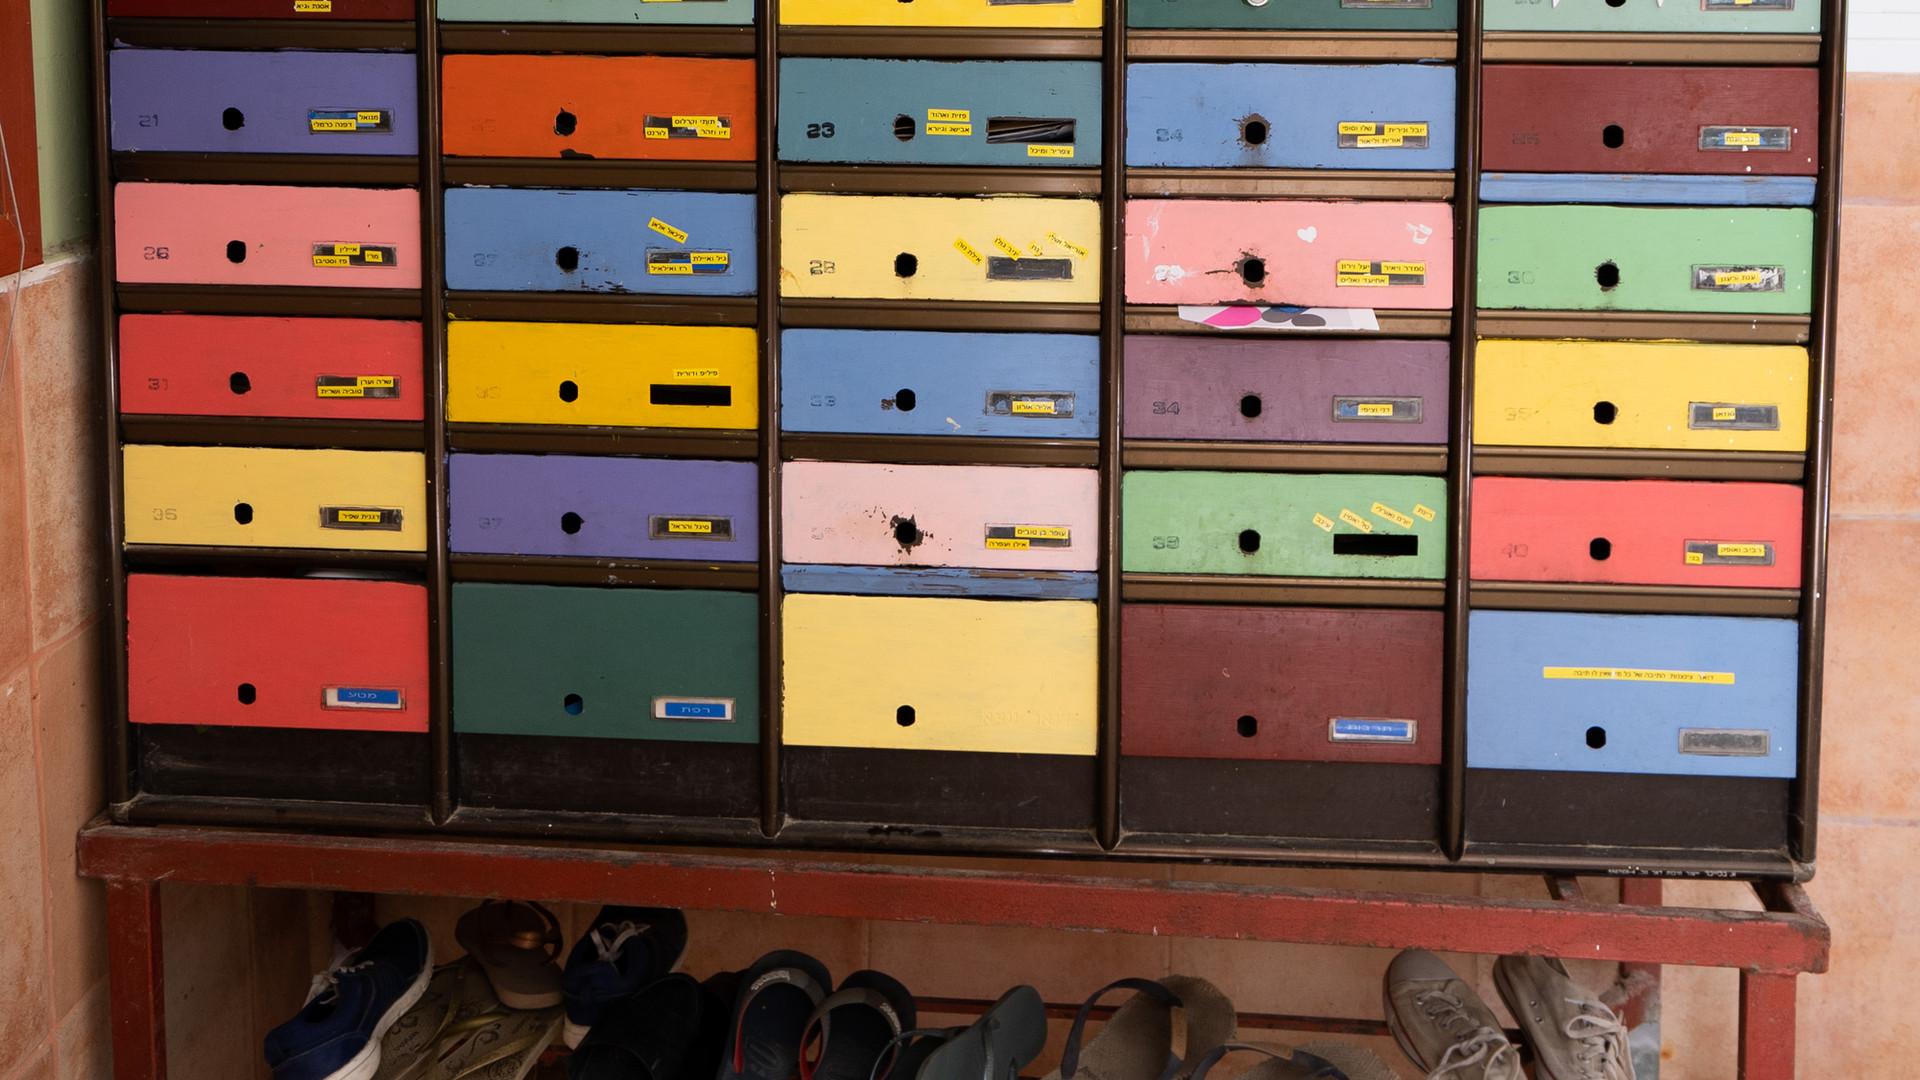 תאי הדואר במבואה של חדר האוכל